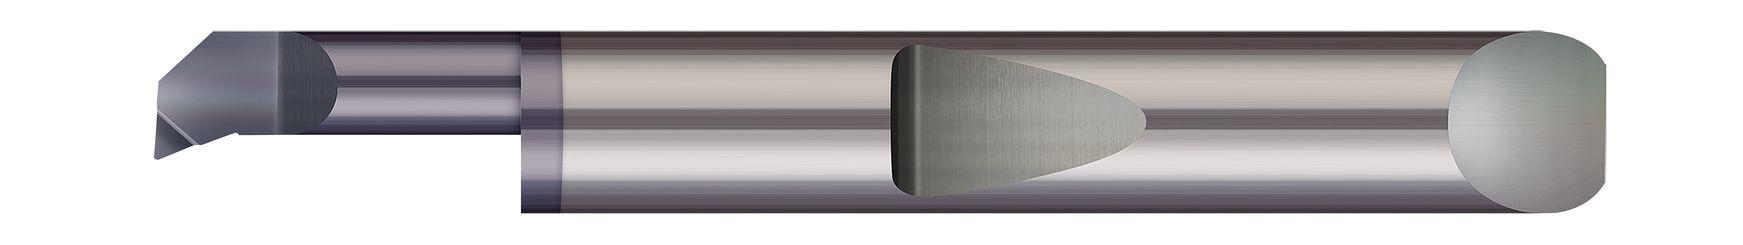 tool-details-QBT-060400X